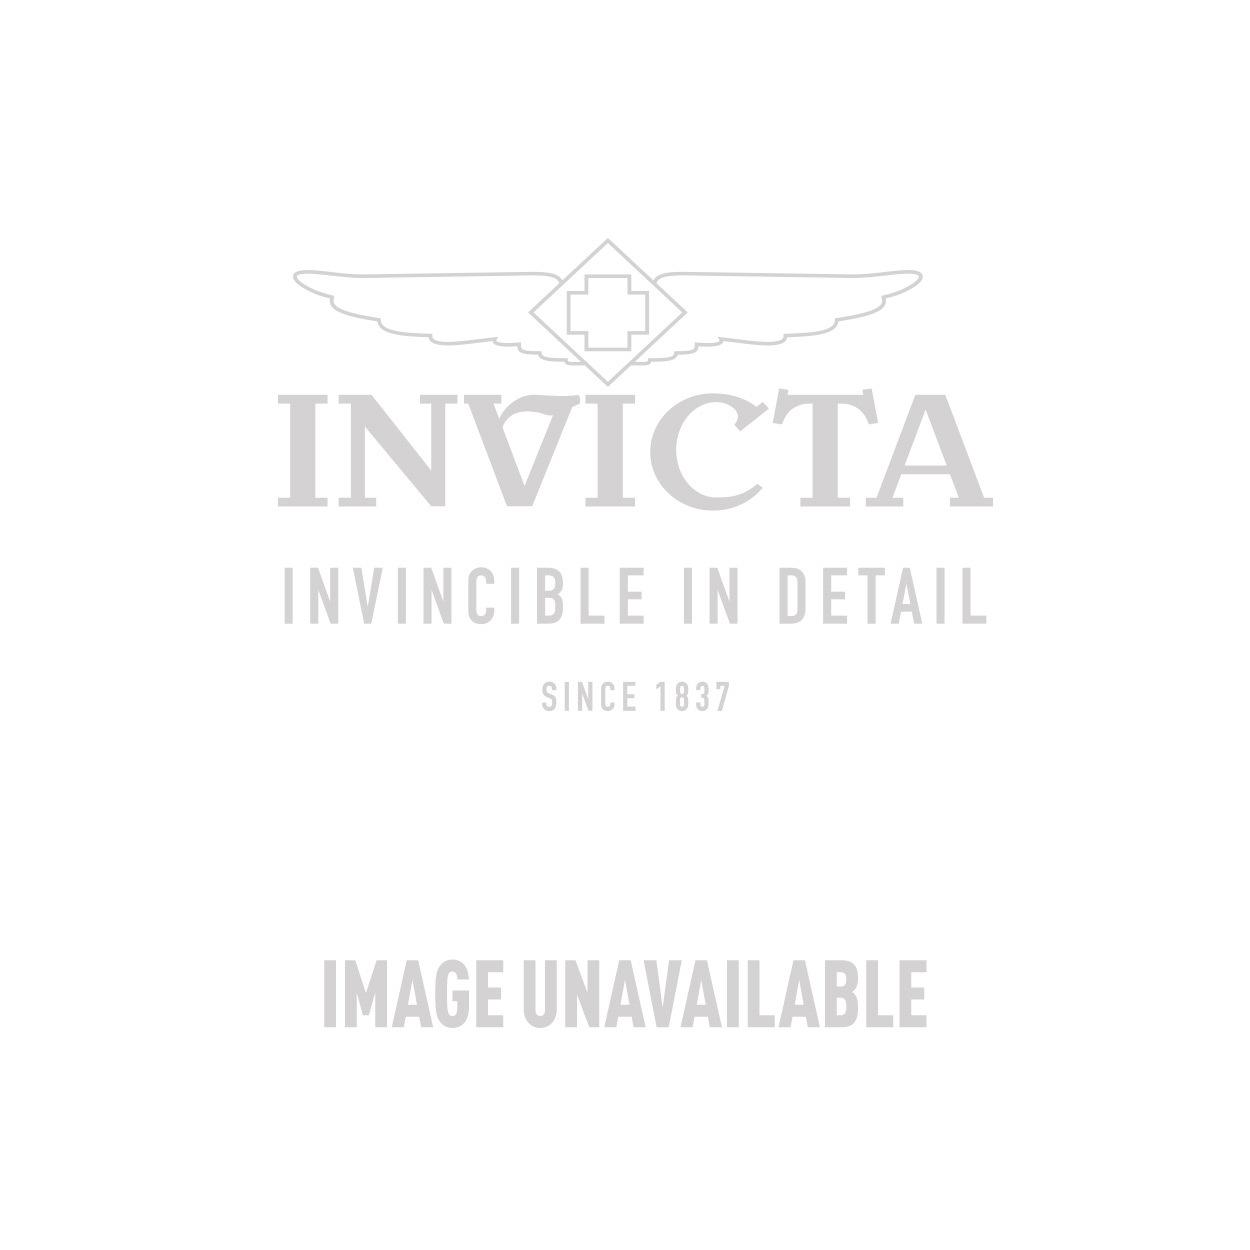 Invicta Model 25176